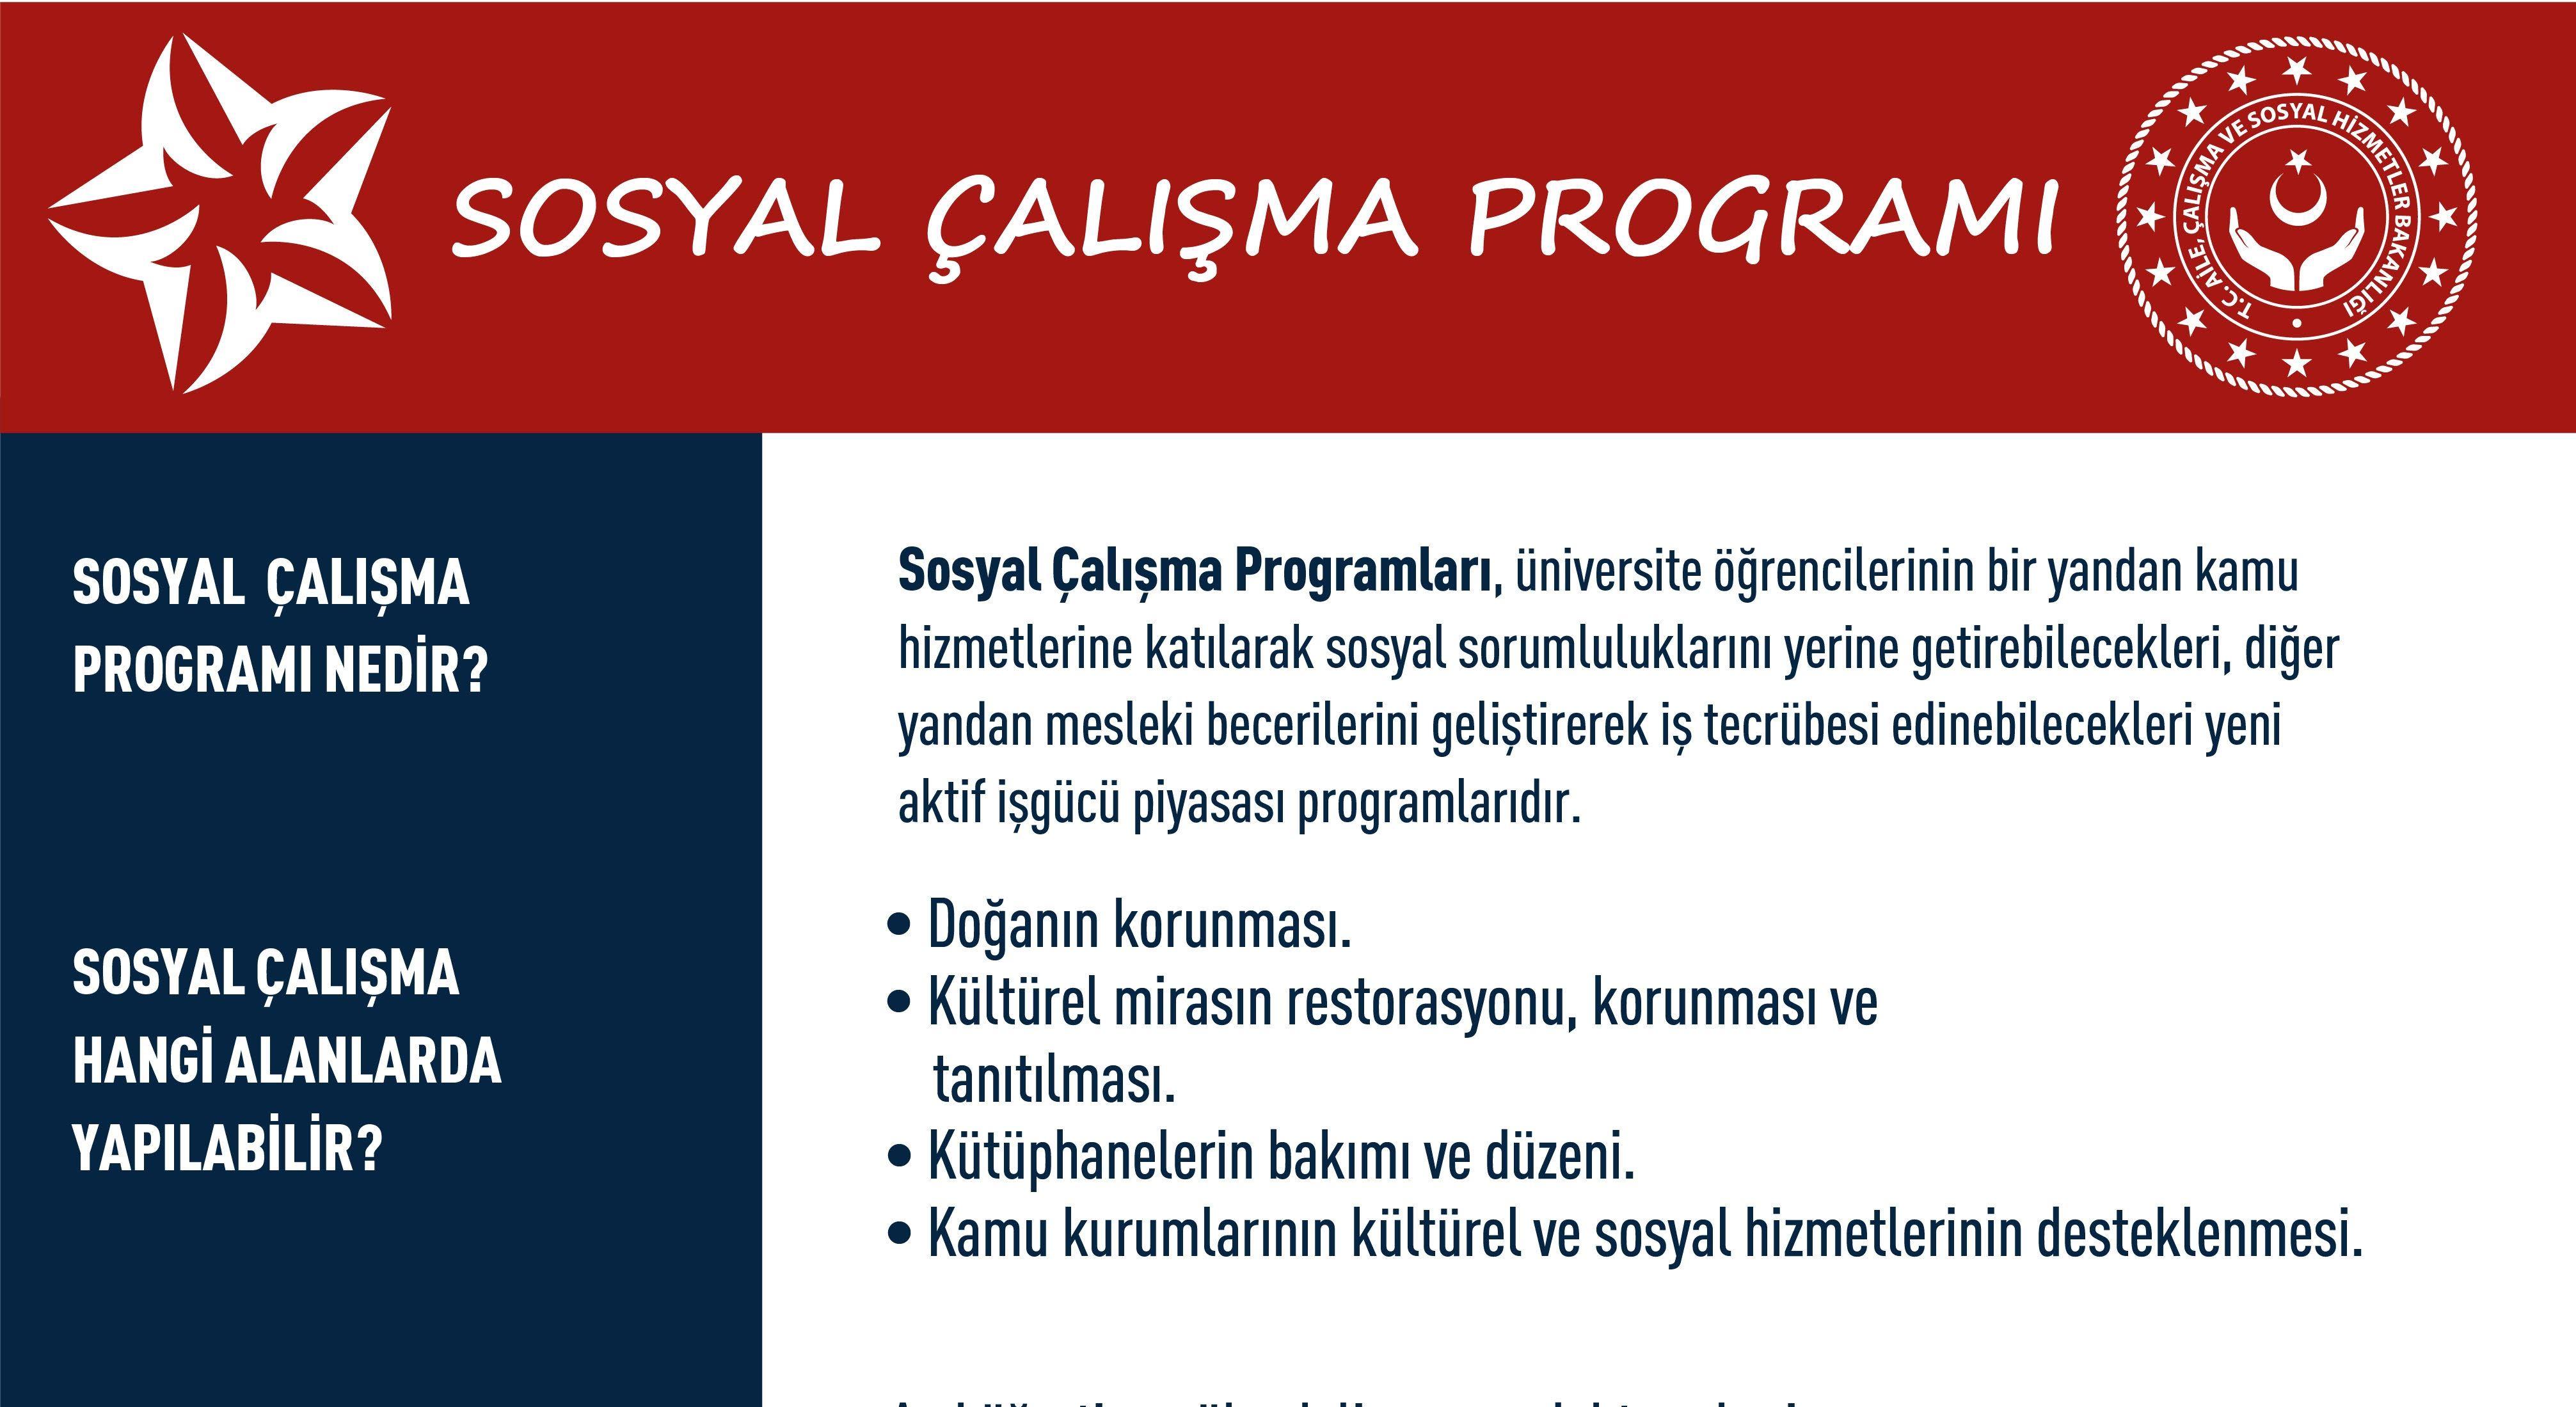 Sosyal Çalışma Programı'na başvurular açıldı